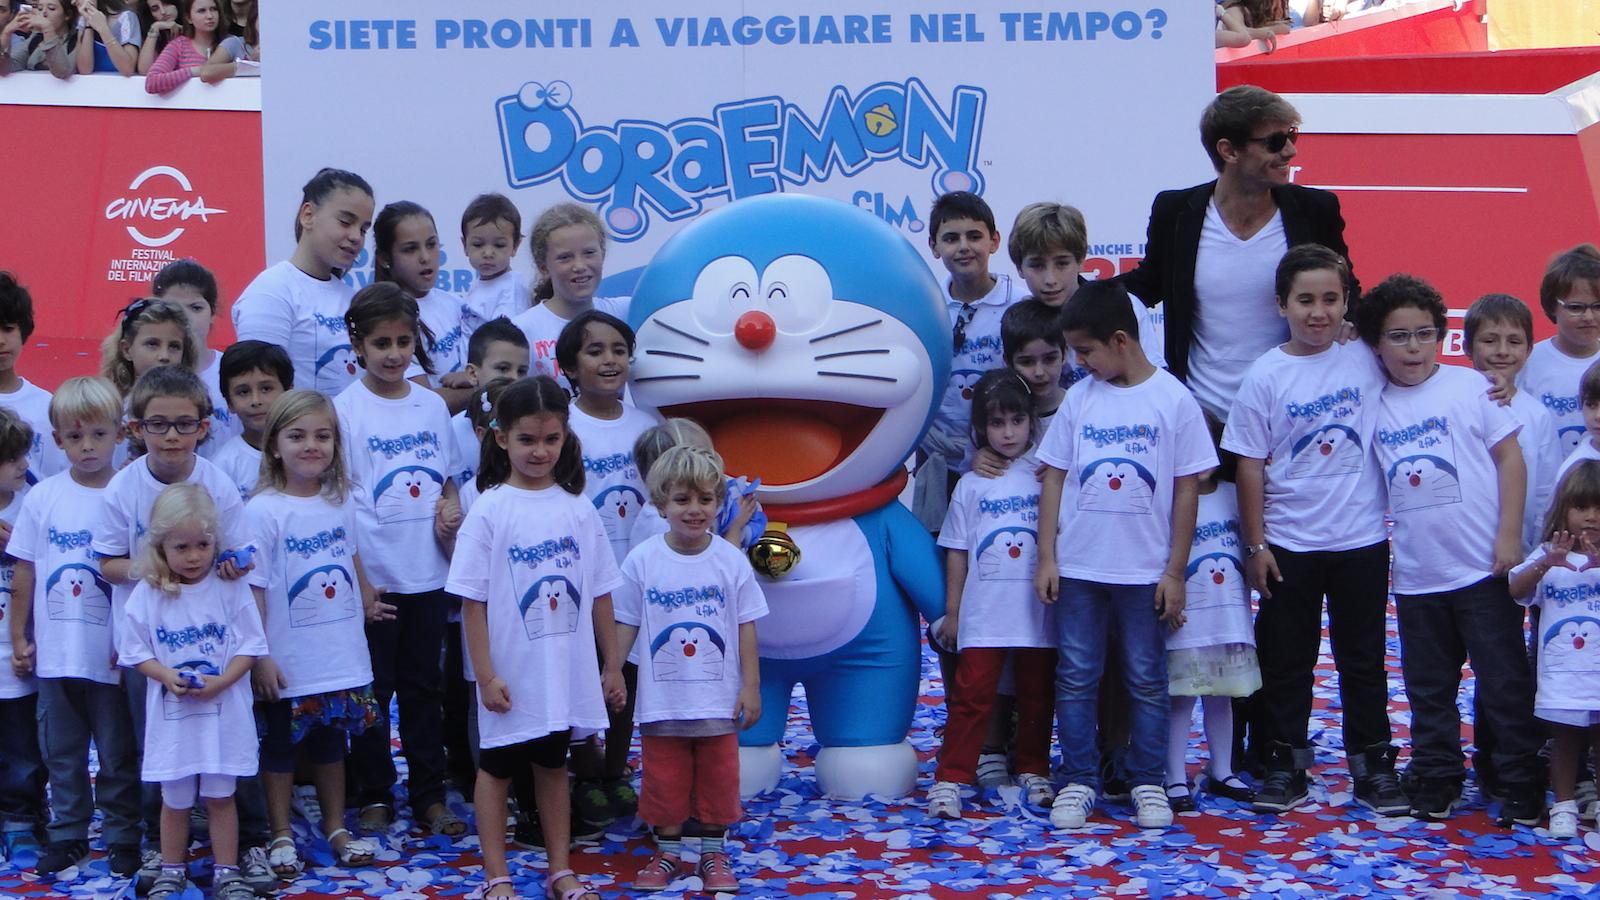 Doraemon: uno scatto dal tappeto rosso di Roma 2014 con Giorgio Pasotti